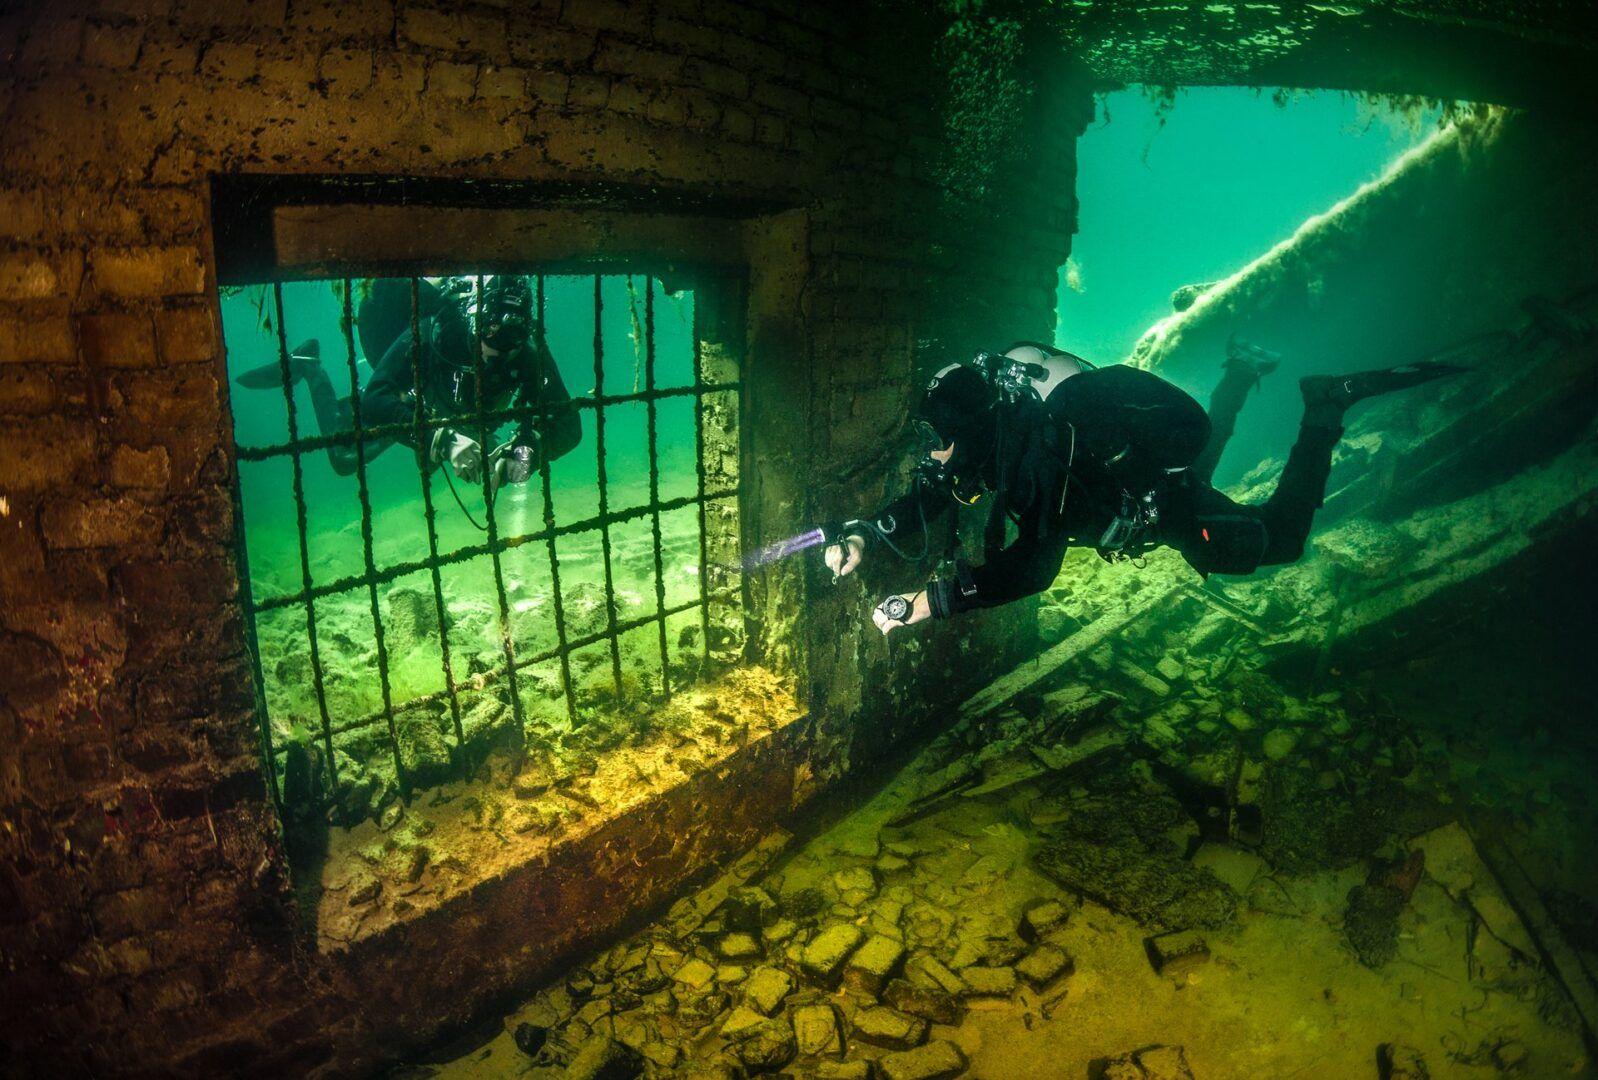 Cidades submersas - 11 cidades escondidas debaixo d'água